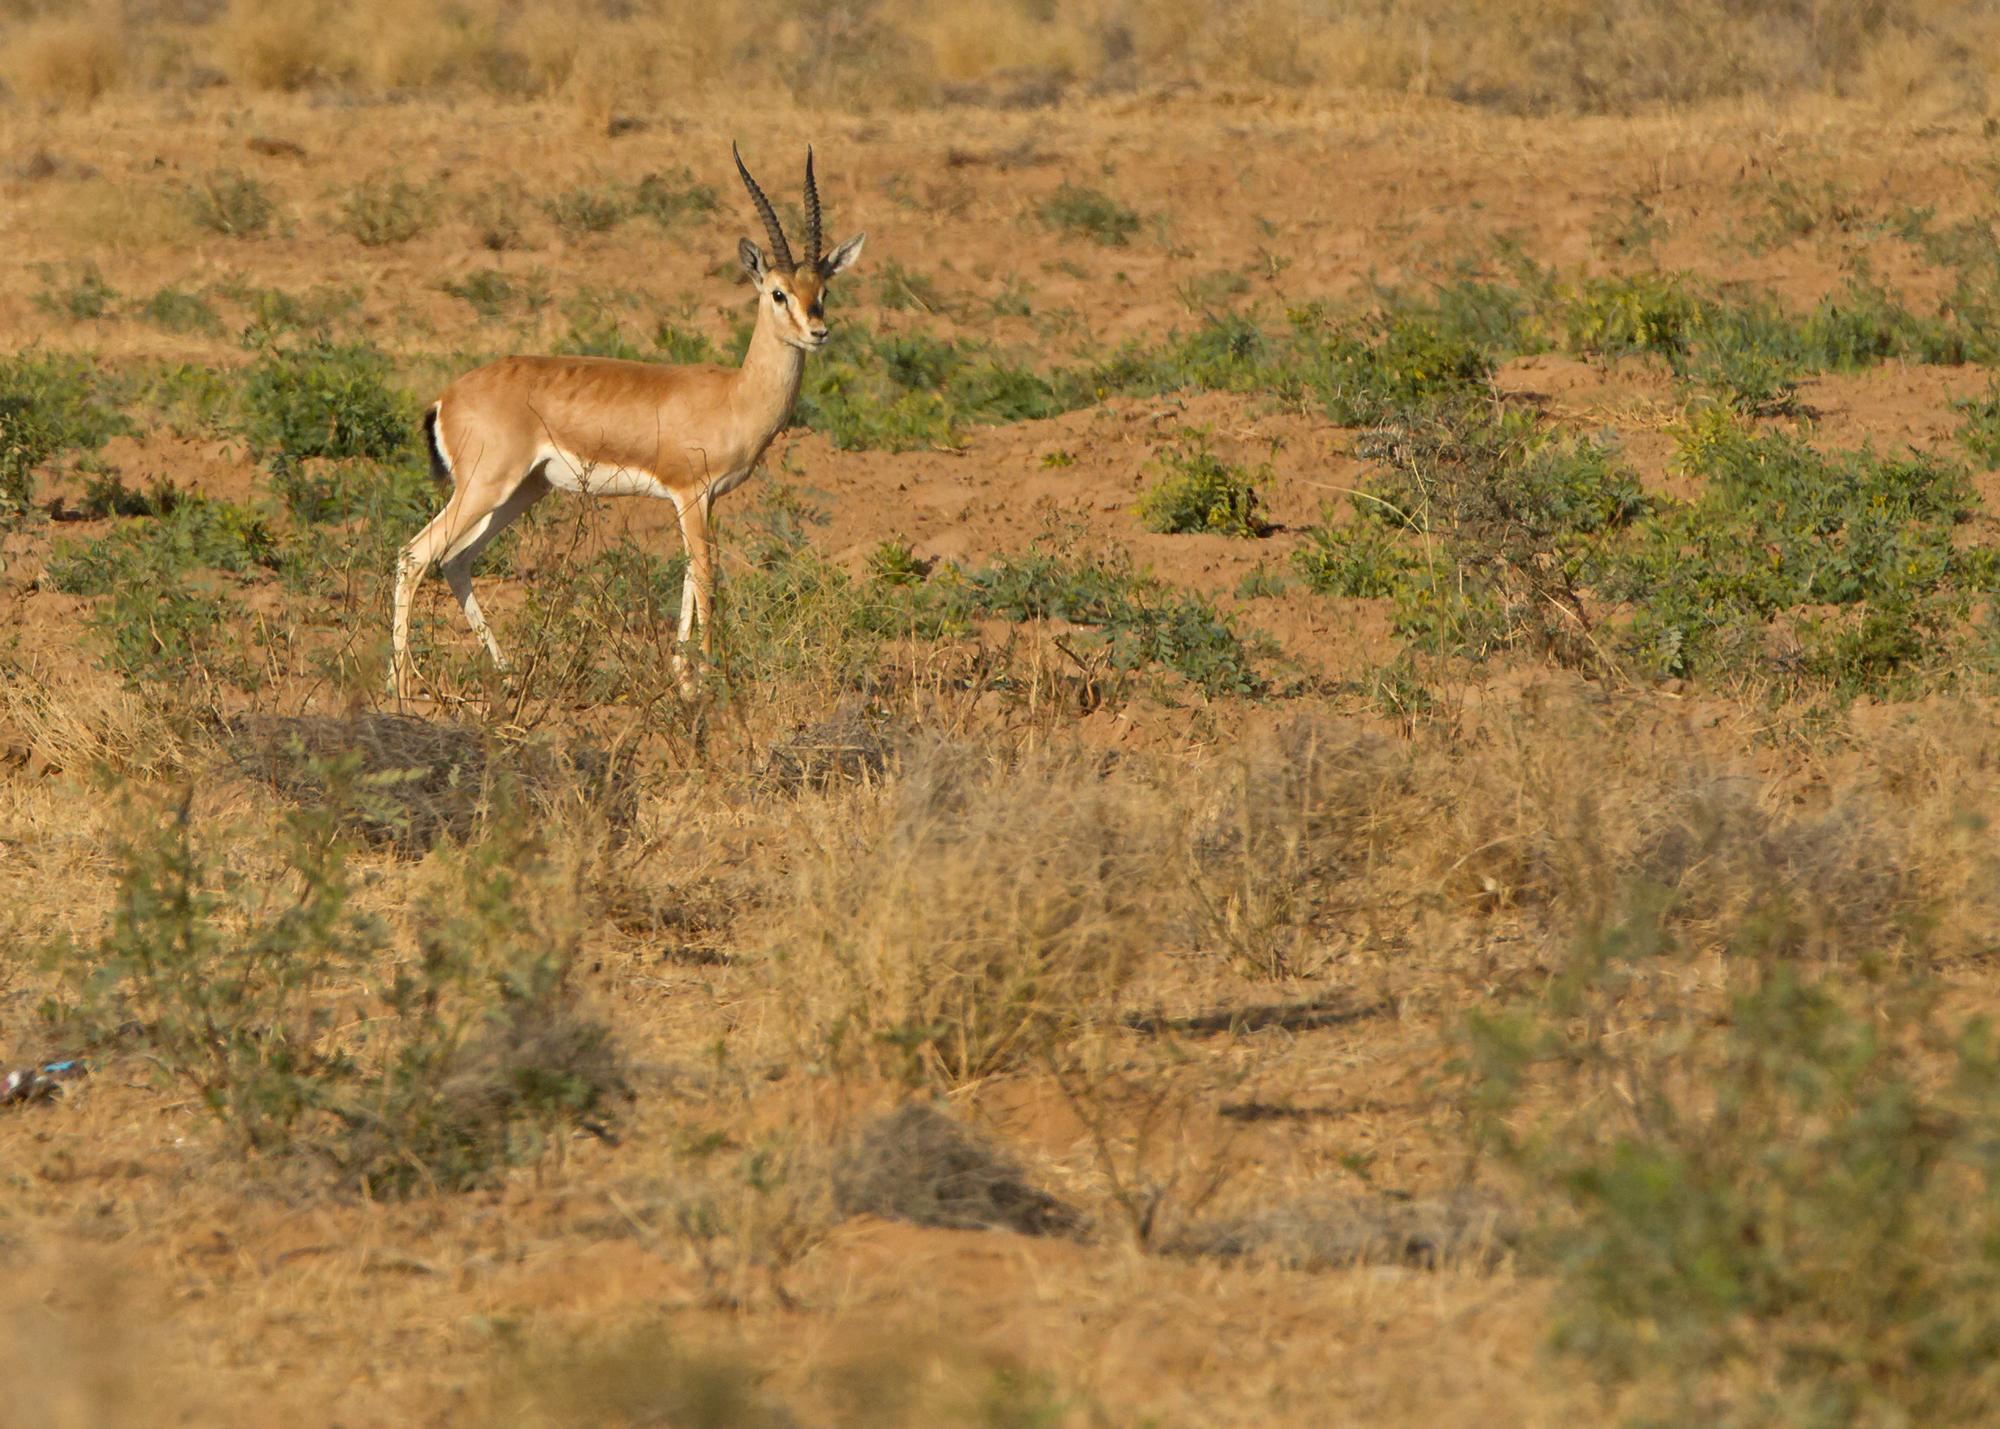 Chinkara (or Indian Gazelle), near Phalodi, Rajasthan